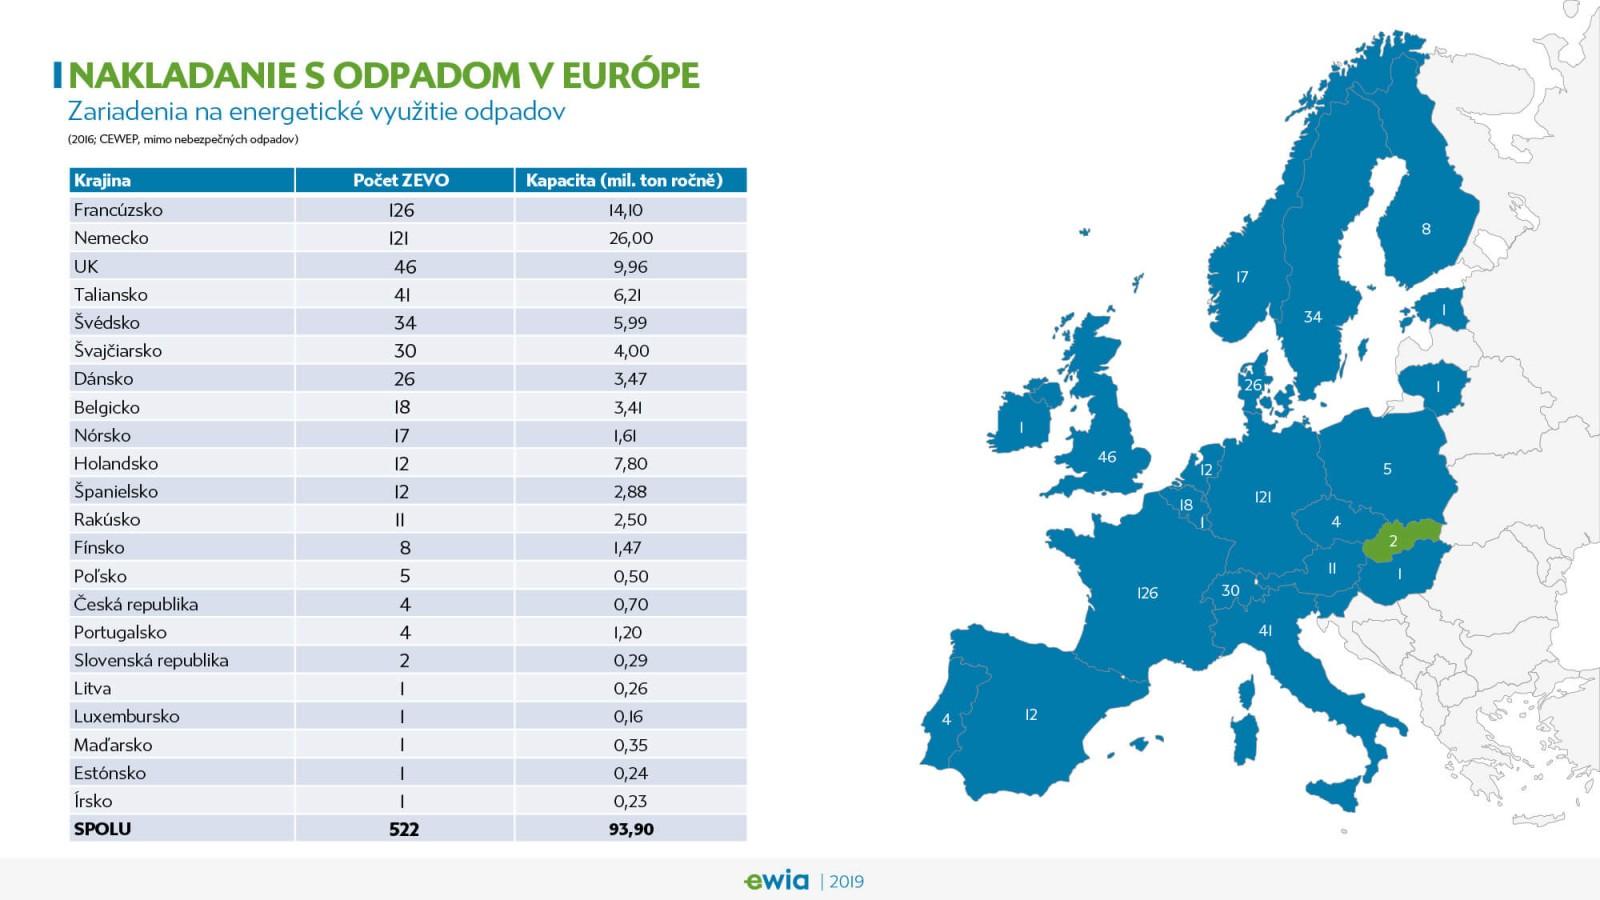 Nakladanie s odpadom v Európe